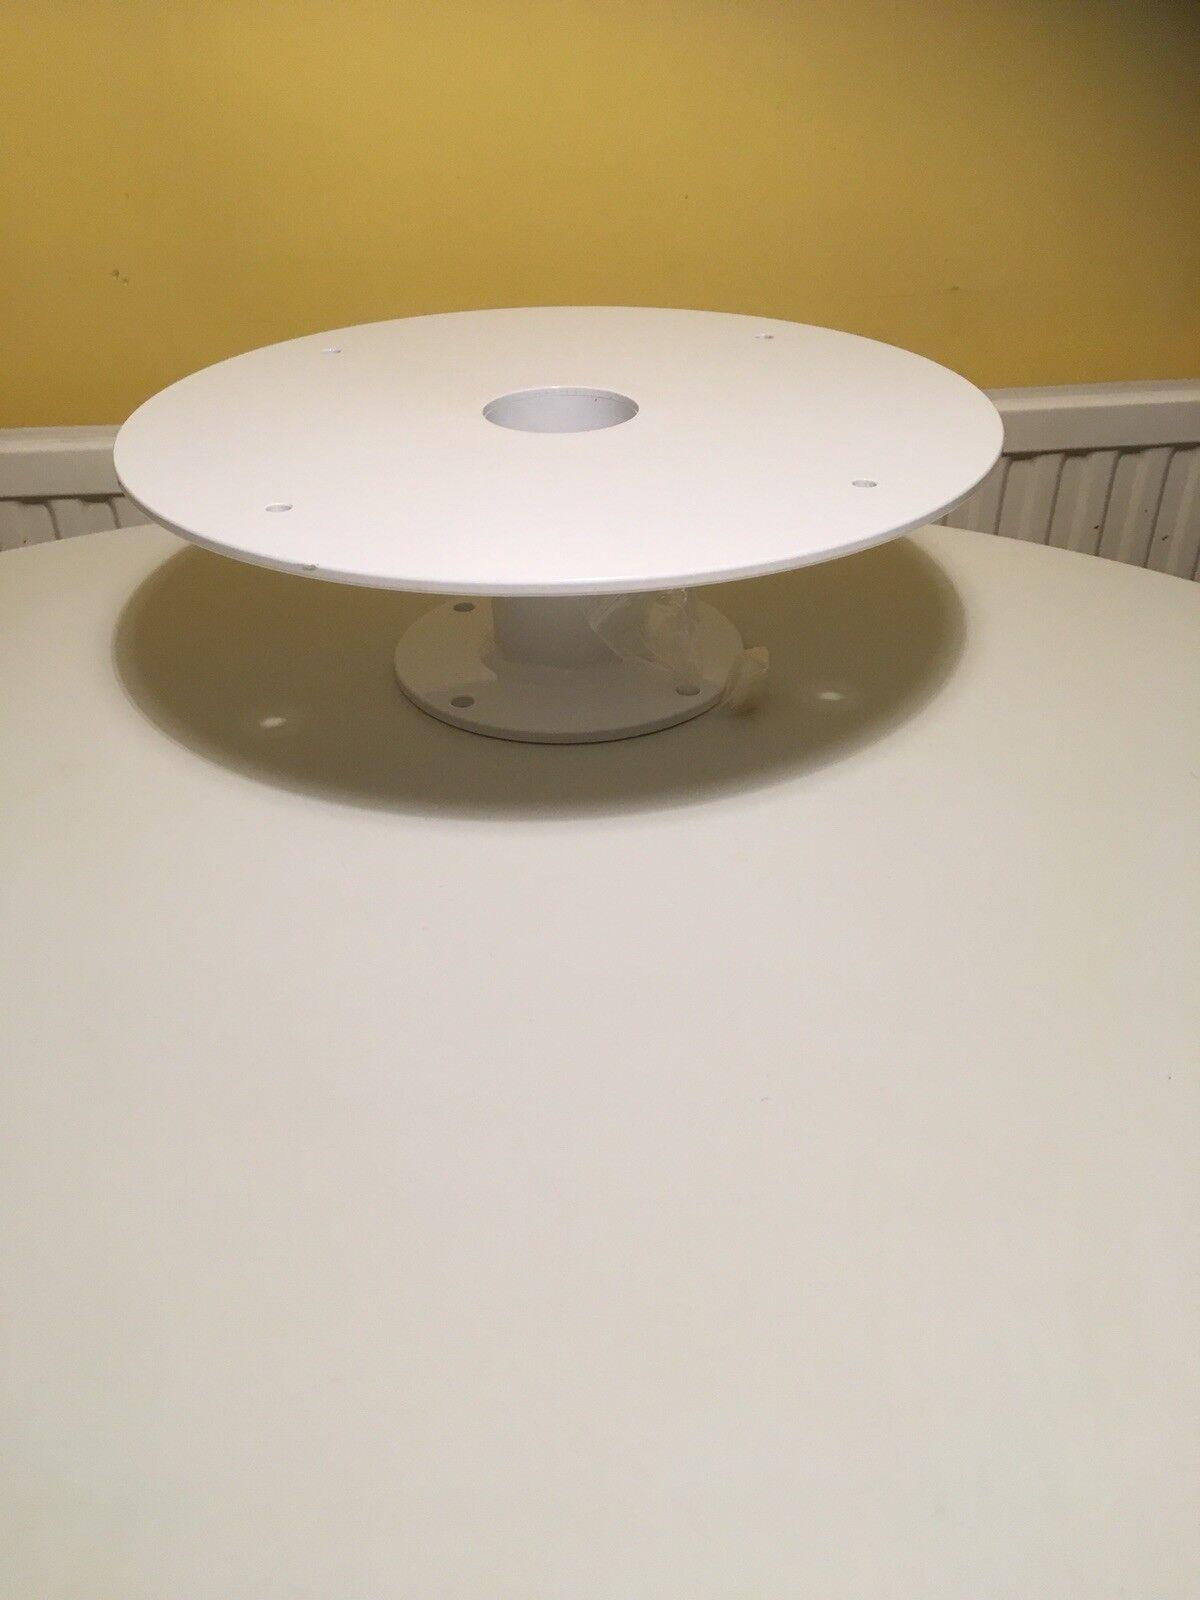 Dome Radar mount tower 5  13cm, aluminium powder coated. Plate diameter 15  39cm